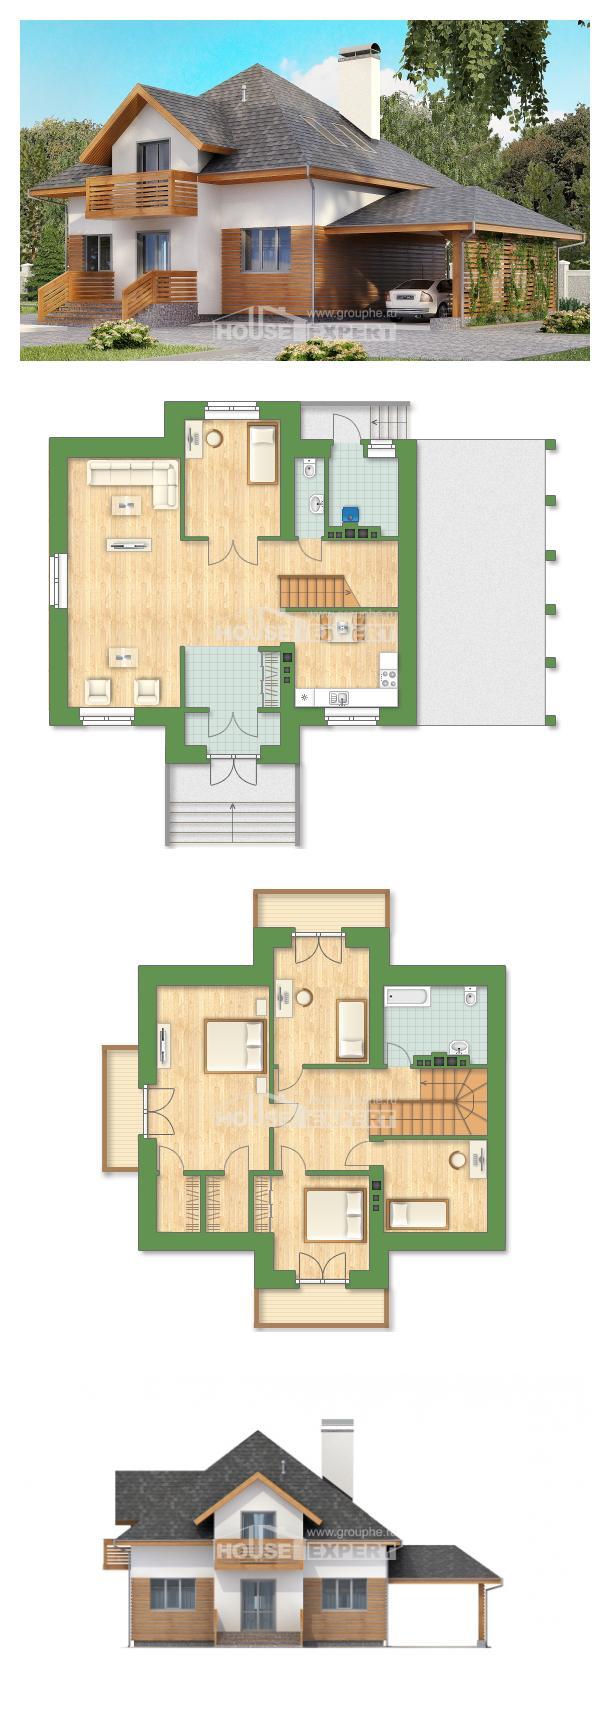 Проект на къща 155-004-R | House Expert